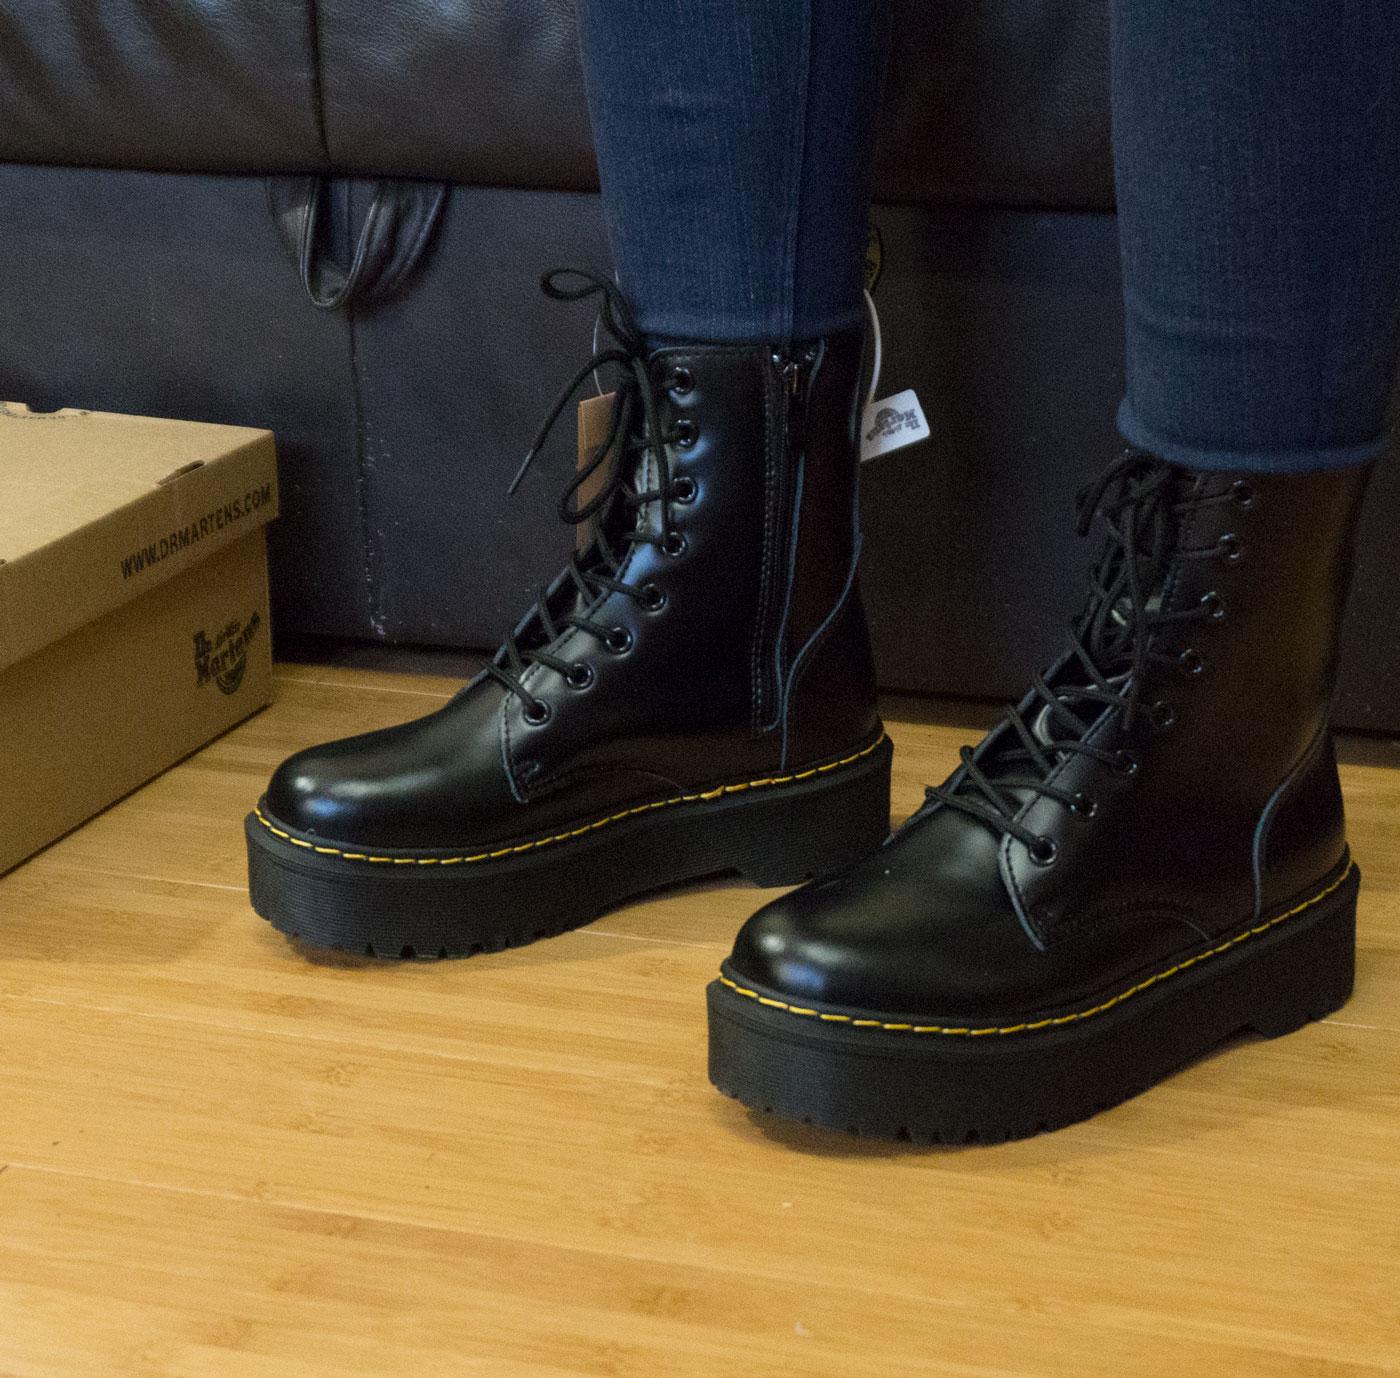 фото - Черные женские ботинки в Dr. Martens на платформе, натуральная кожа - Топ качество! на ноге.